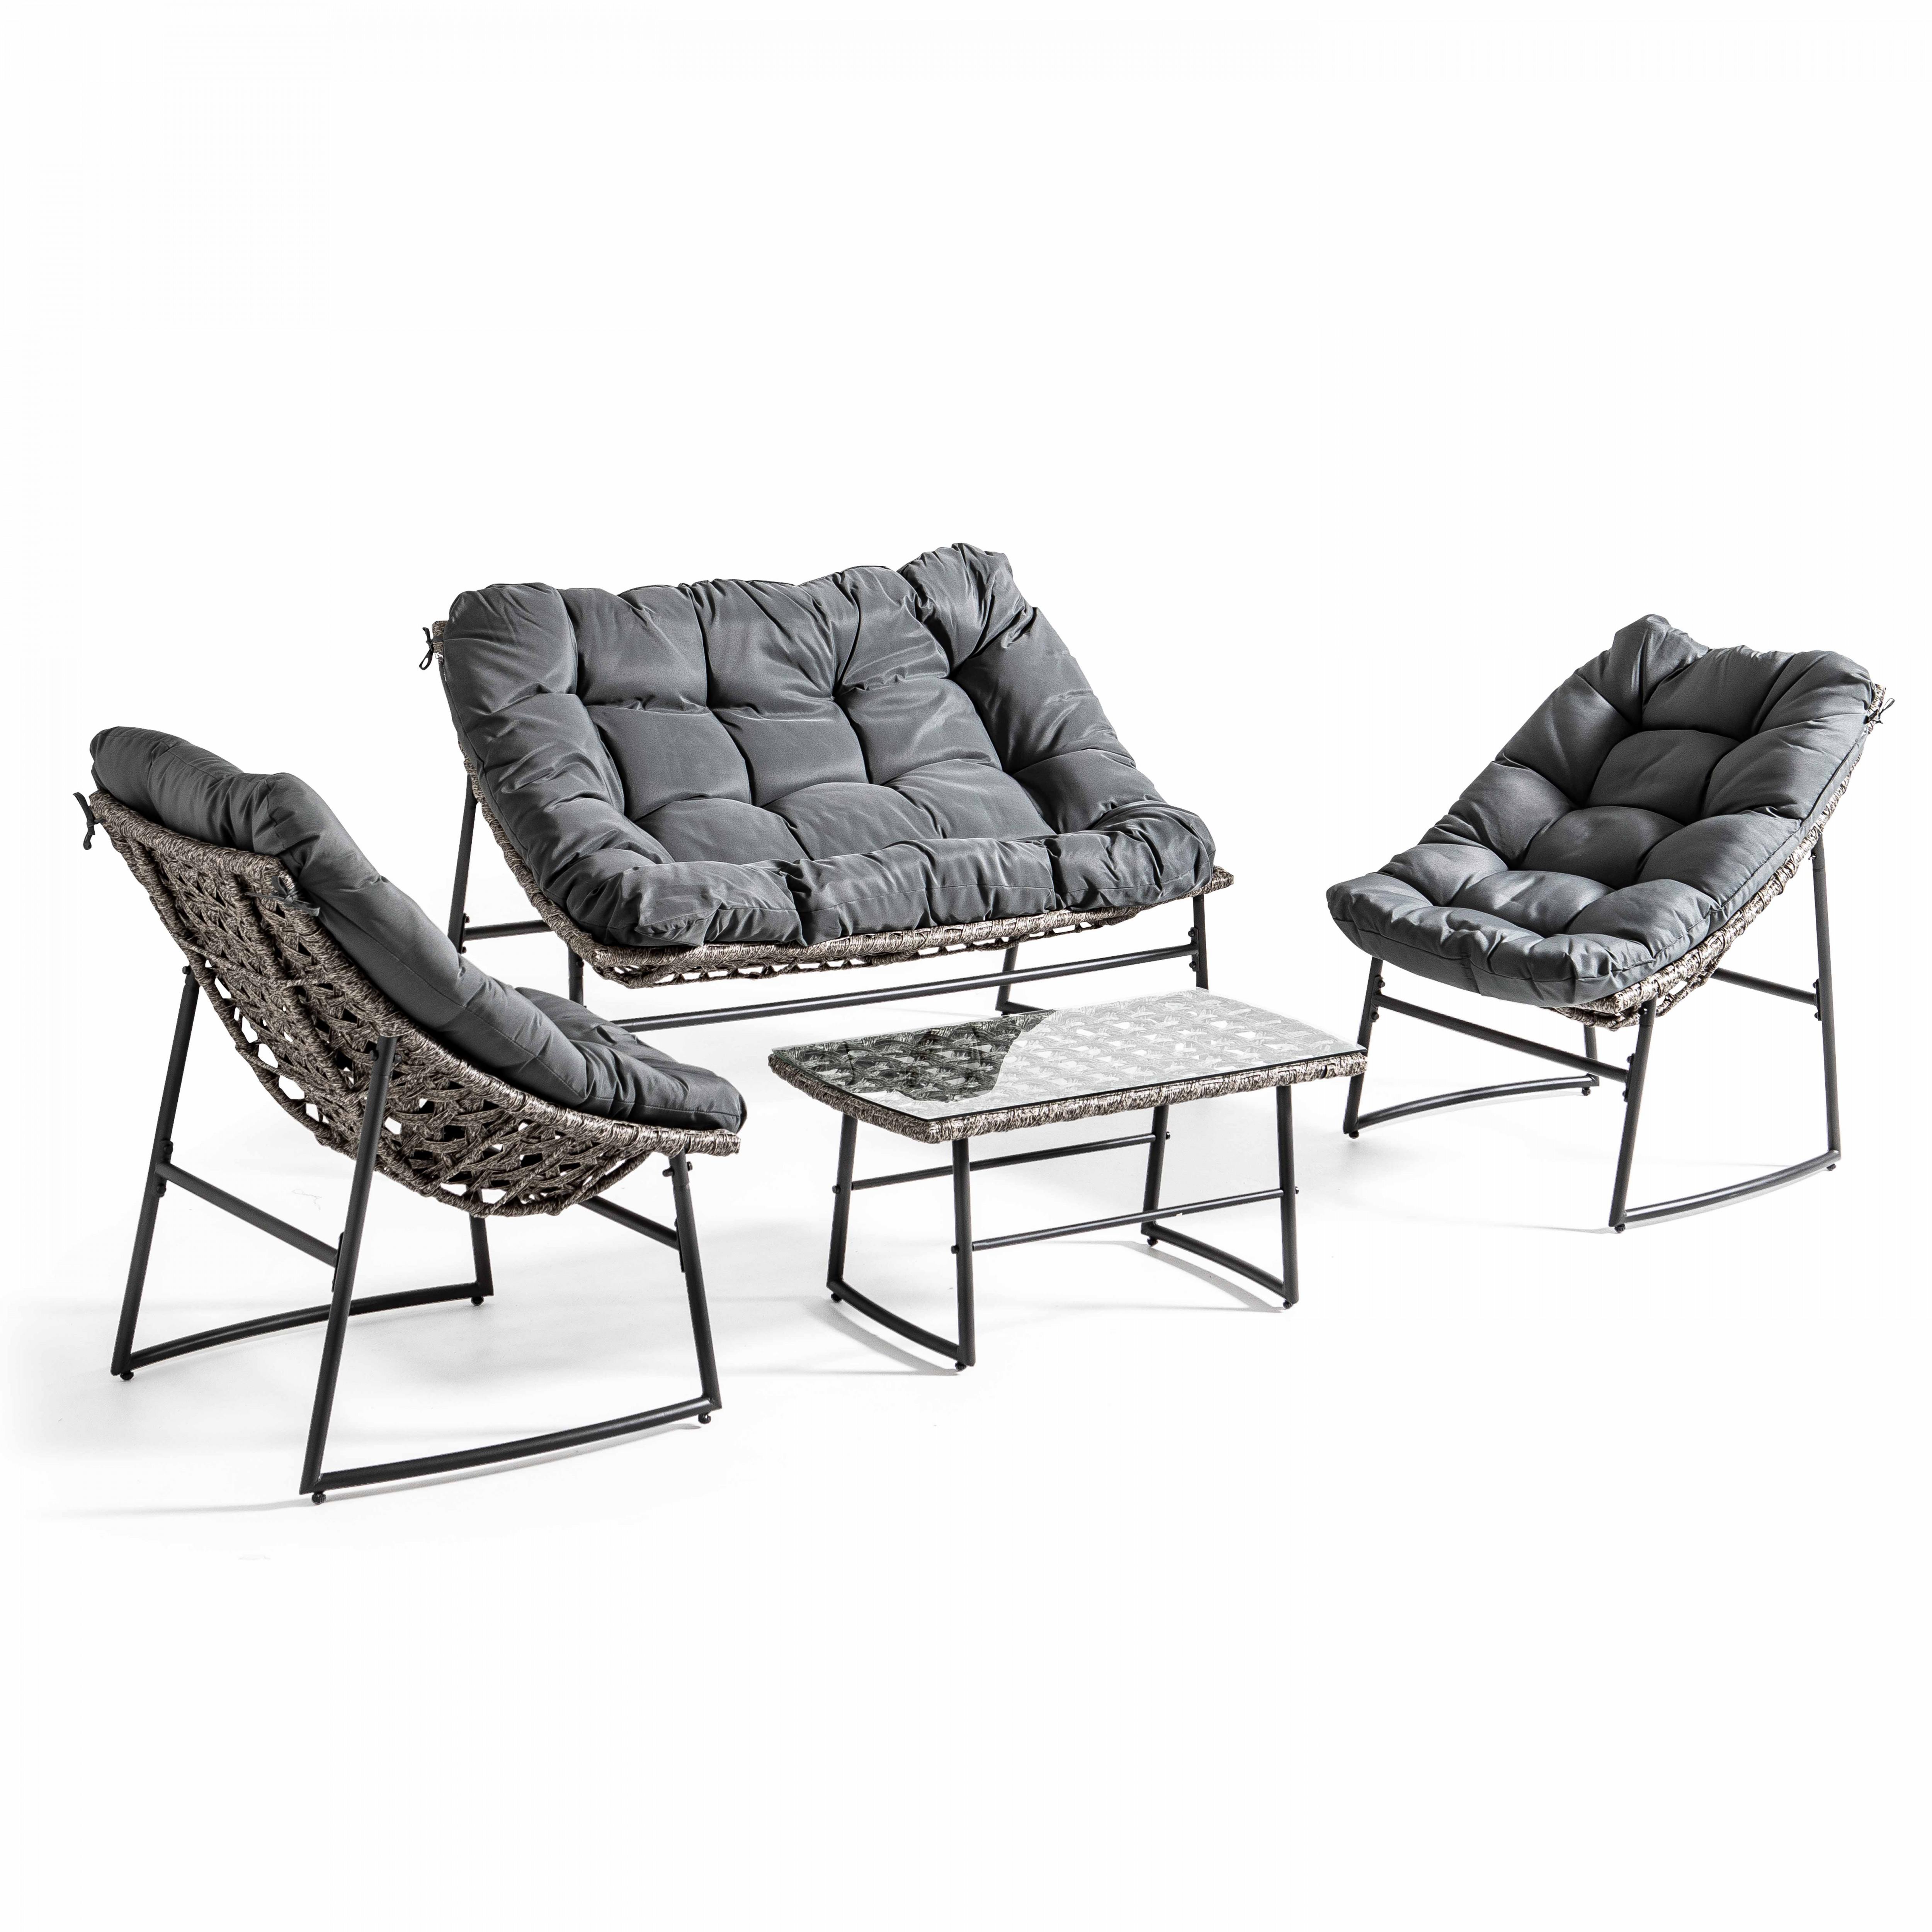 Salon de jardin 4 places en acier gris